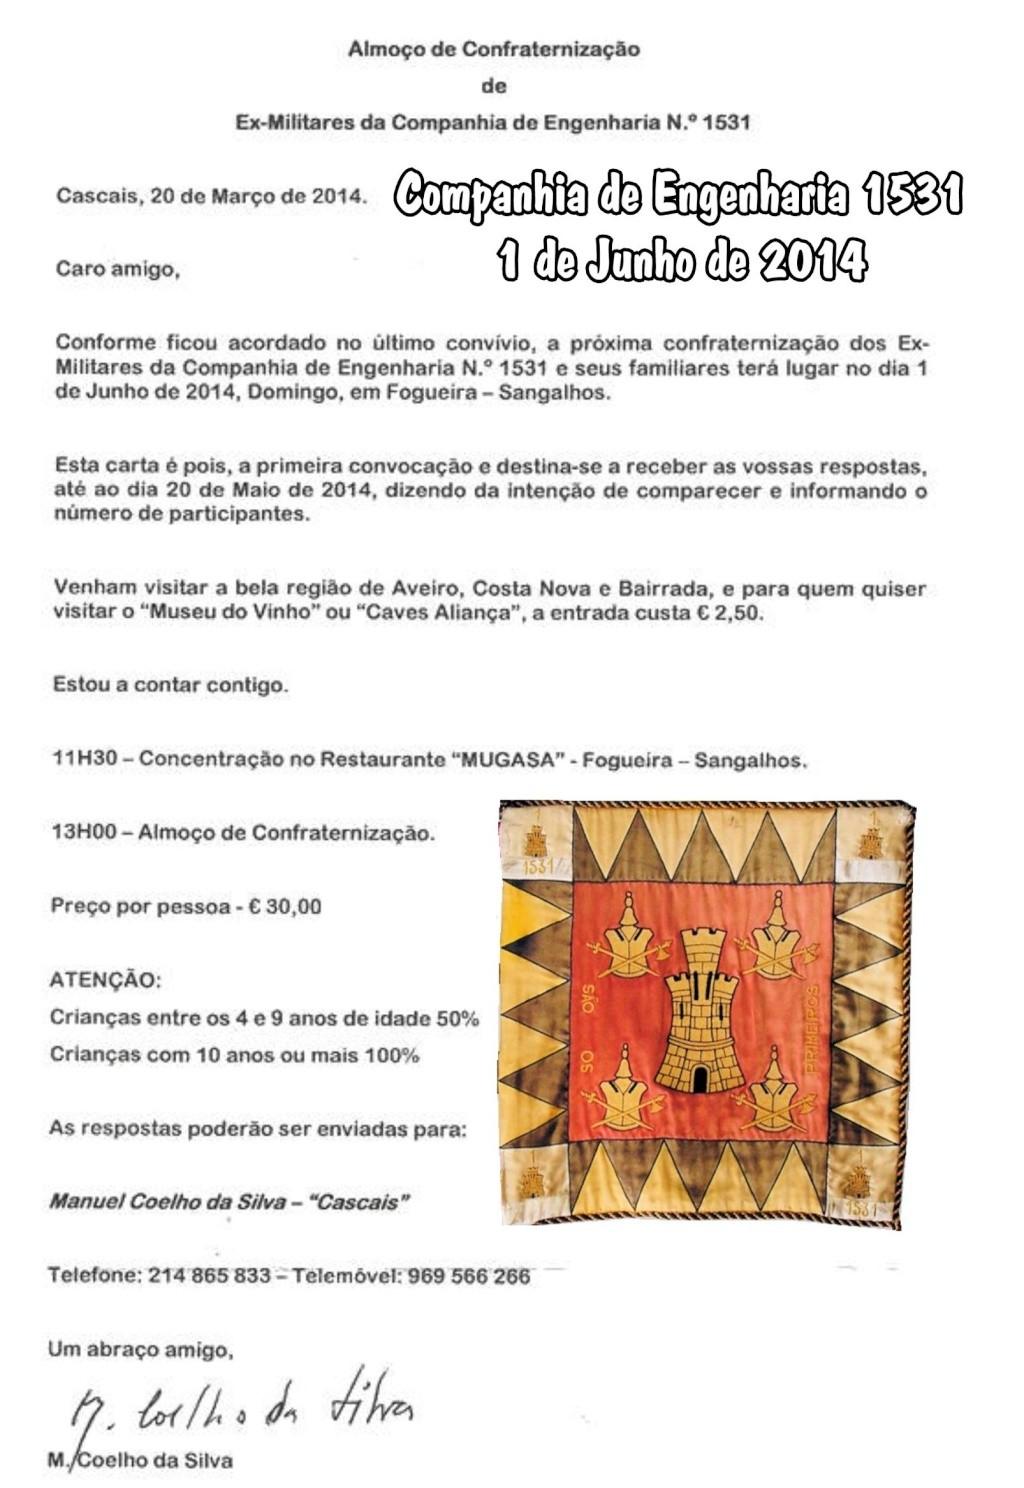 Confraternização dos Militares da Companhia de Engenharia 1531 - 01Jun2014 - Fogueira (Sangalhos) Ceng1511